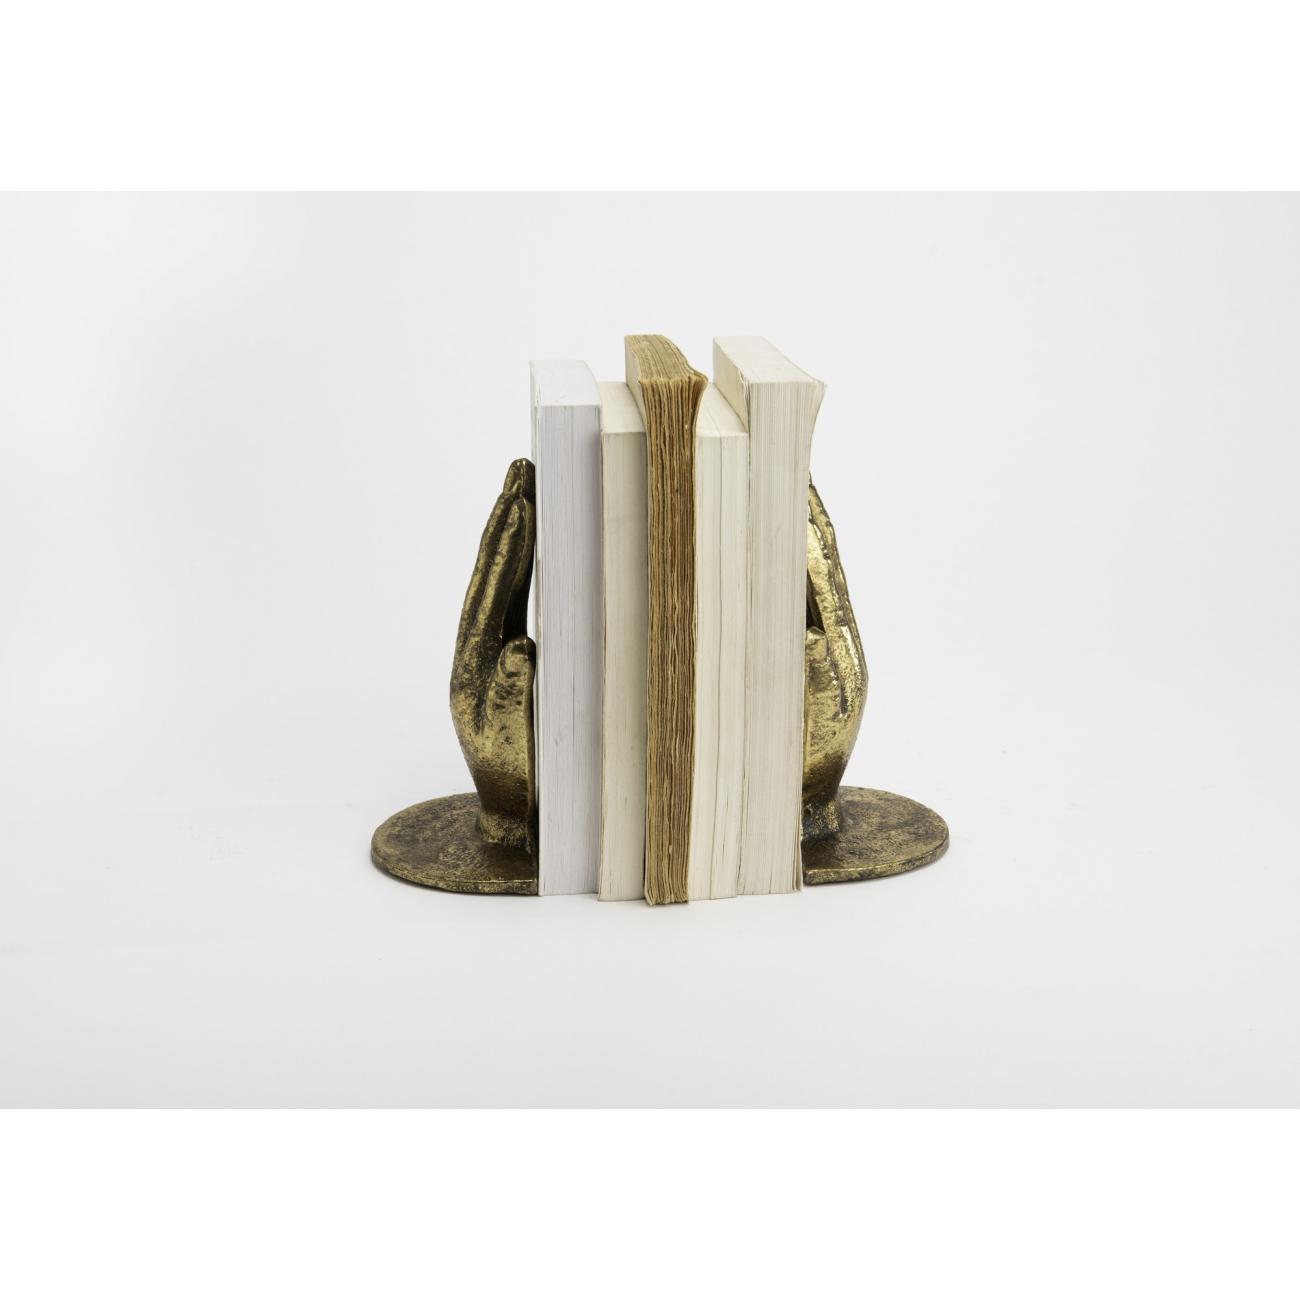 Держатели декоративные для книг AMADEUS ладони высота 18 см Франция